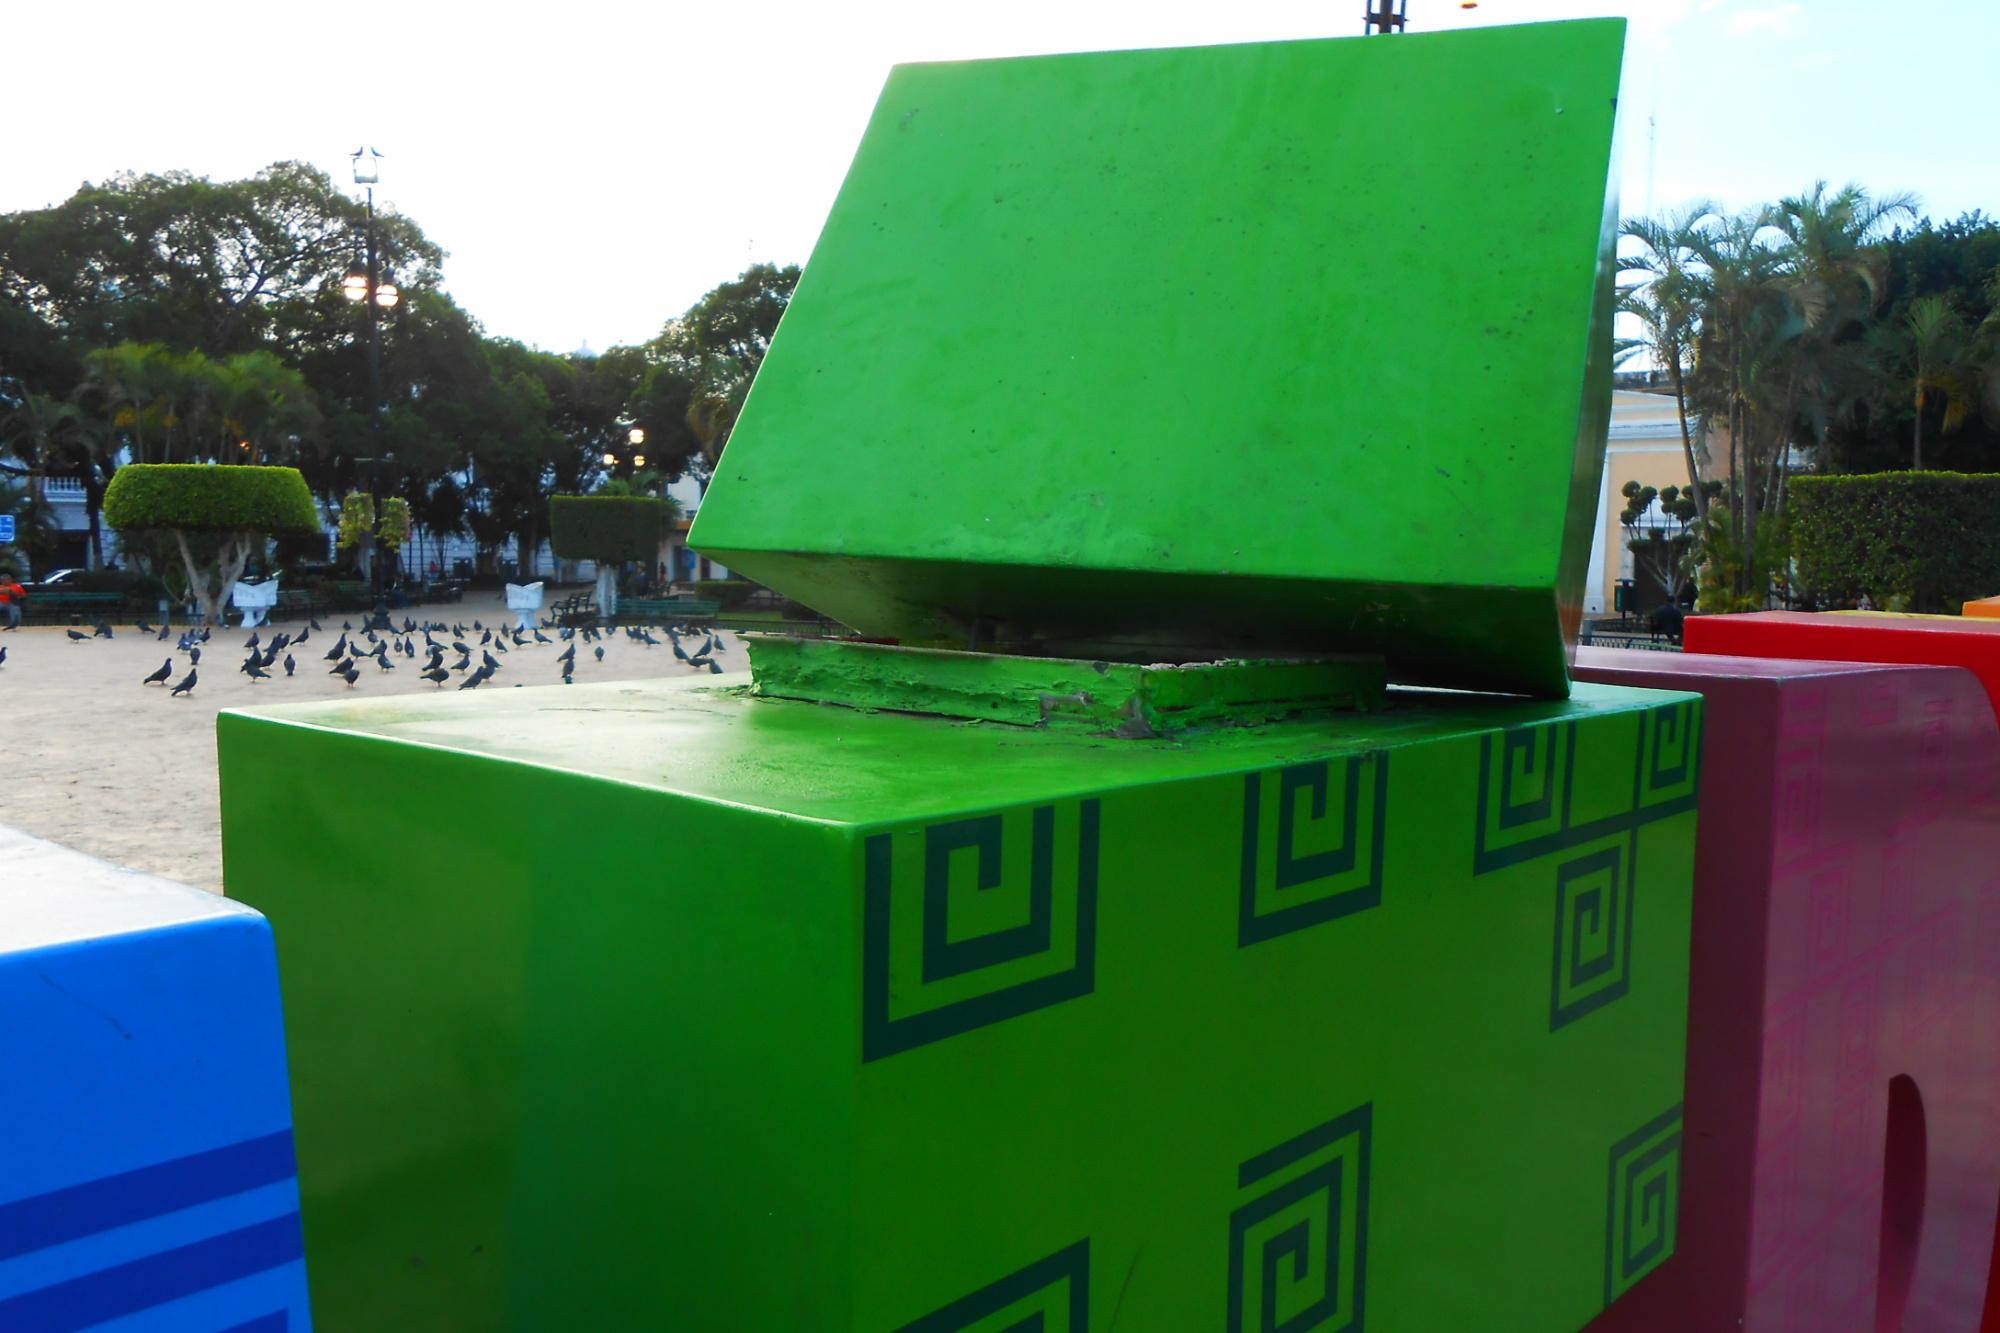 Así dañaron el parador fotográfico para <i>selfies</i>, en Mérida (video)